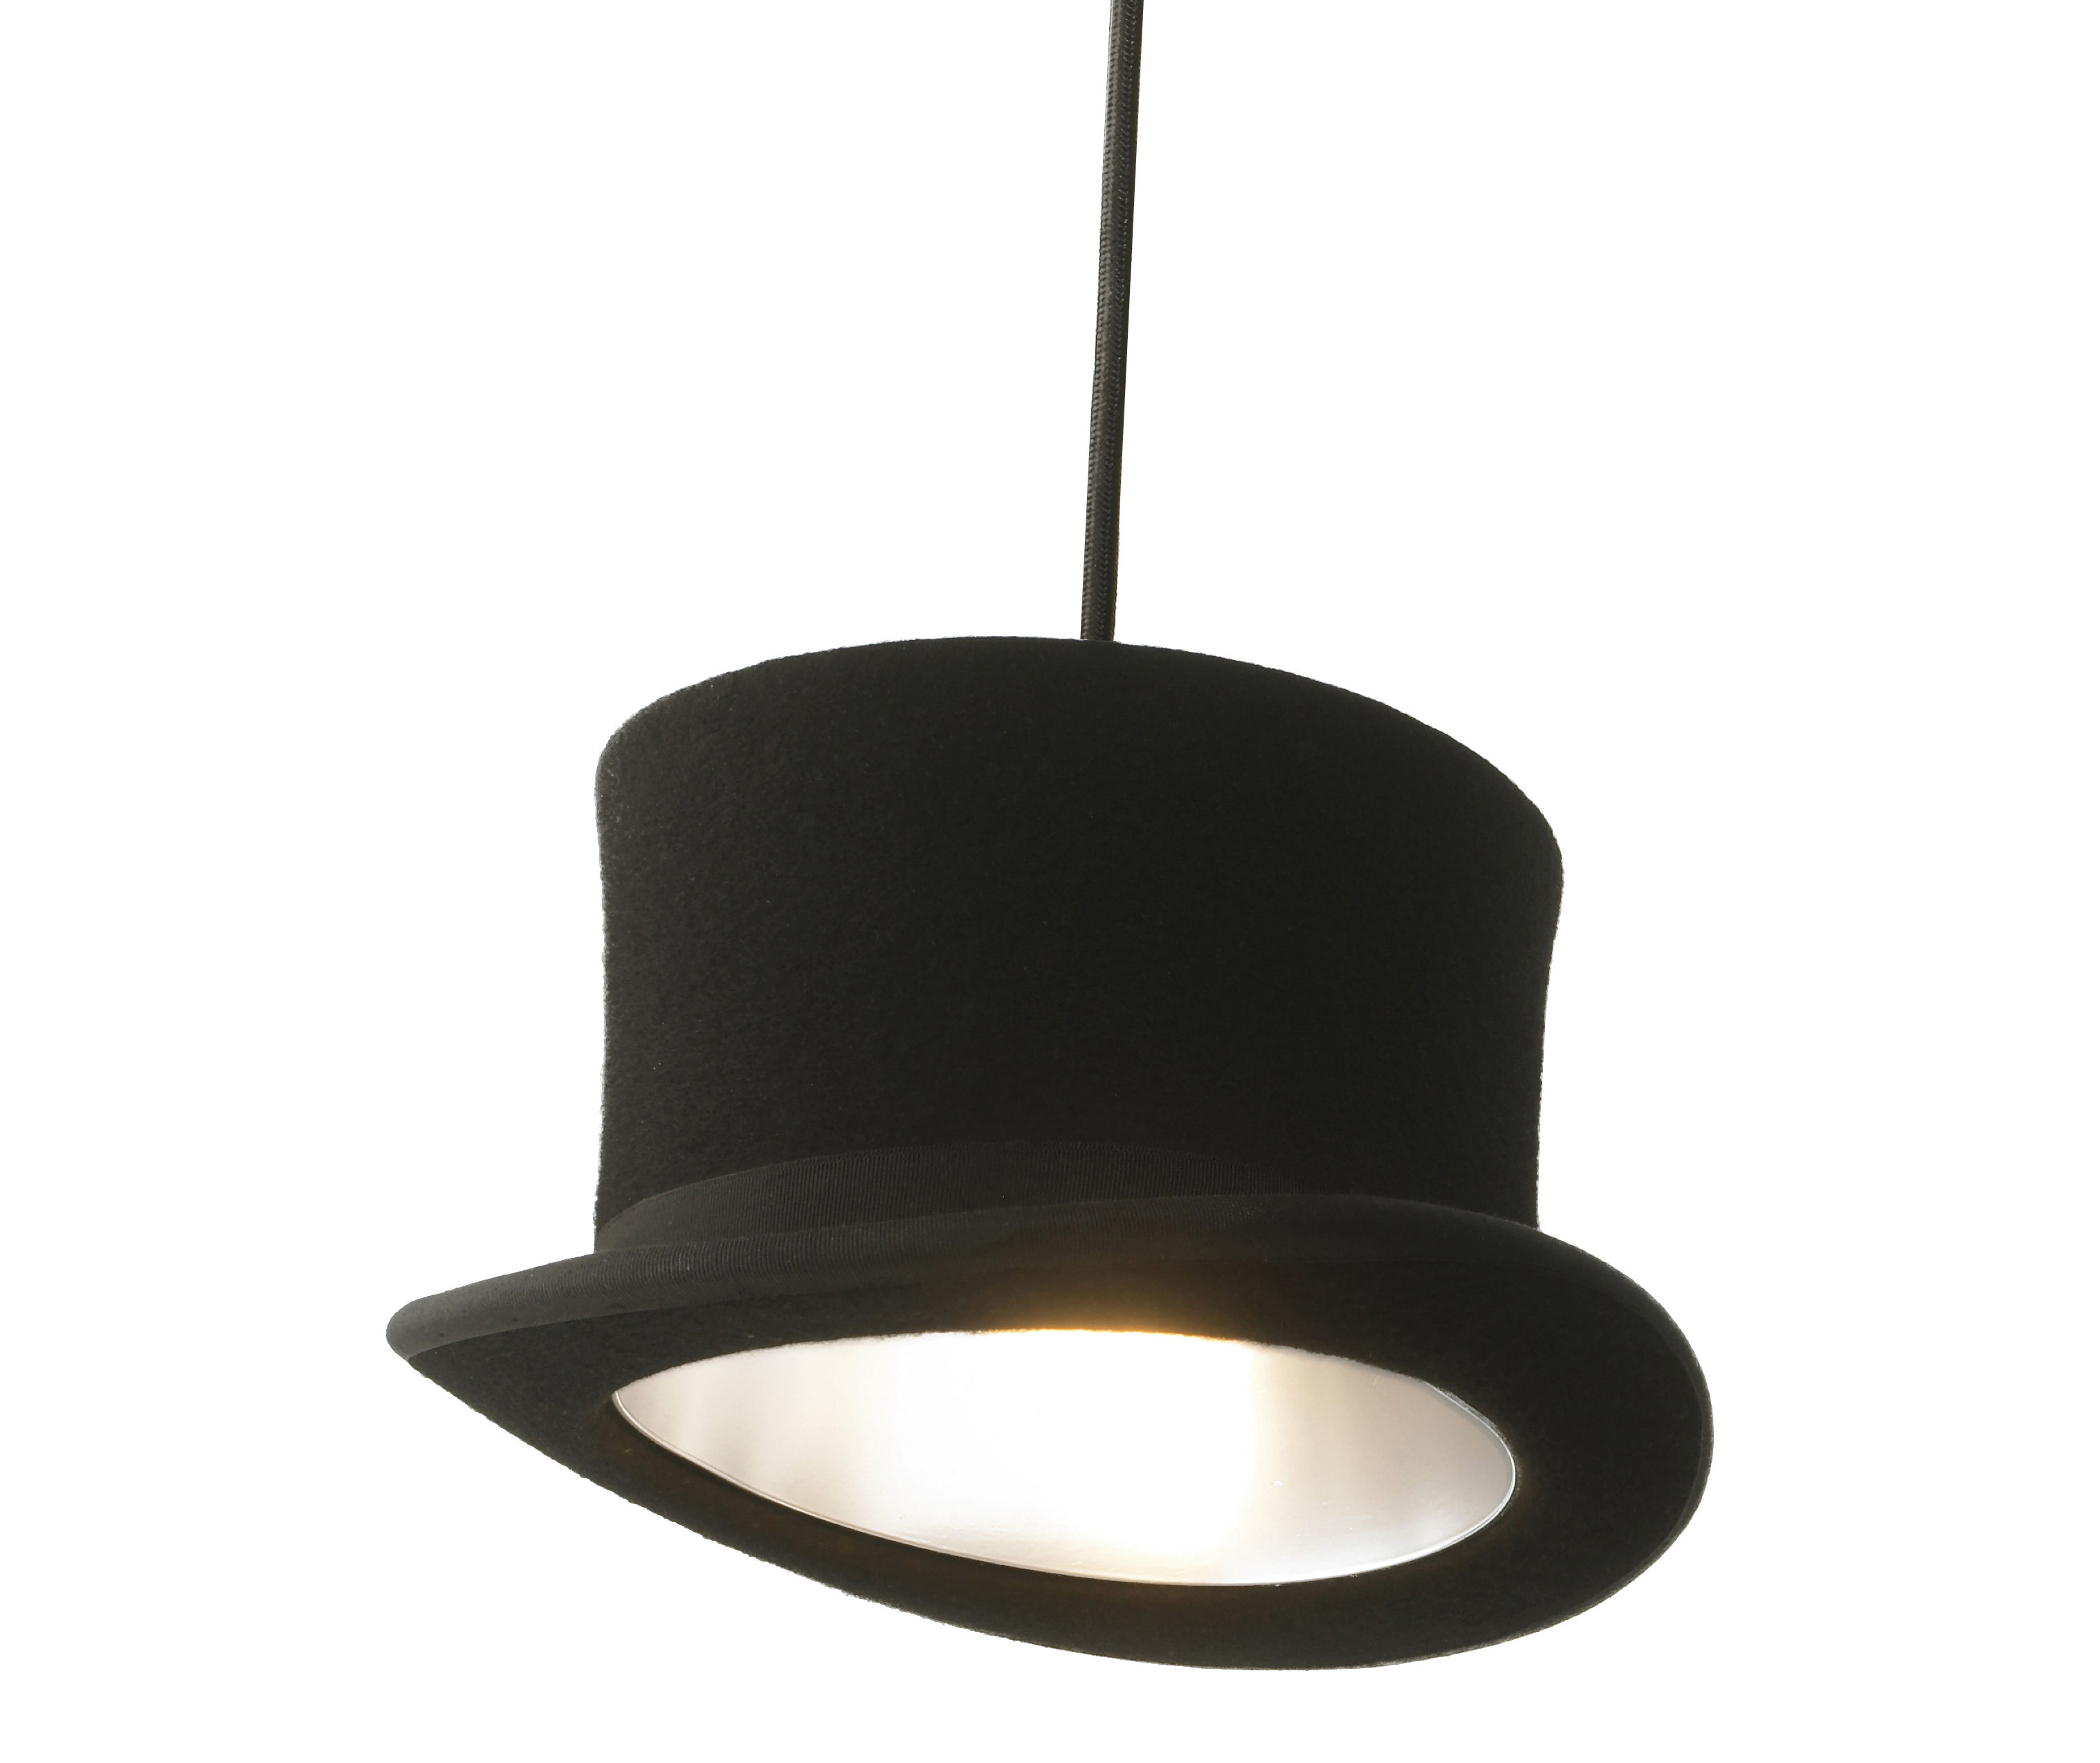 Leuchten - Pendelleuchten - Wooster Pendelleuchte / Zylinder - Innermost - Zylinder - schwarz / innen silberfarben - eloxiertes Aluminium, Wollfilz